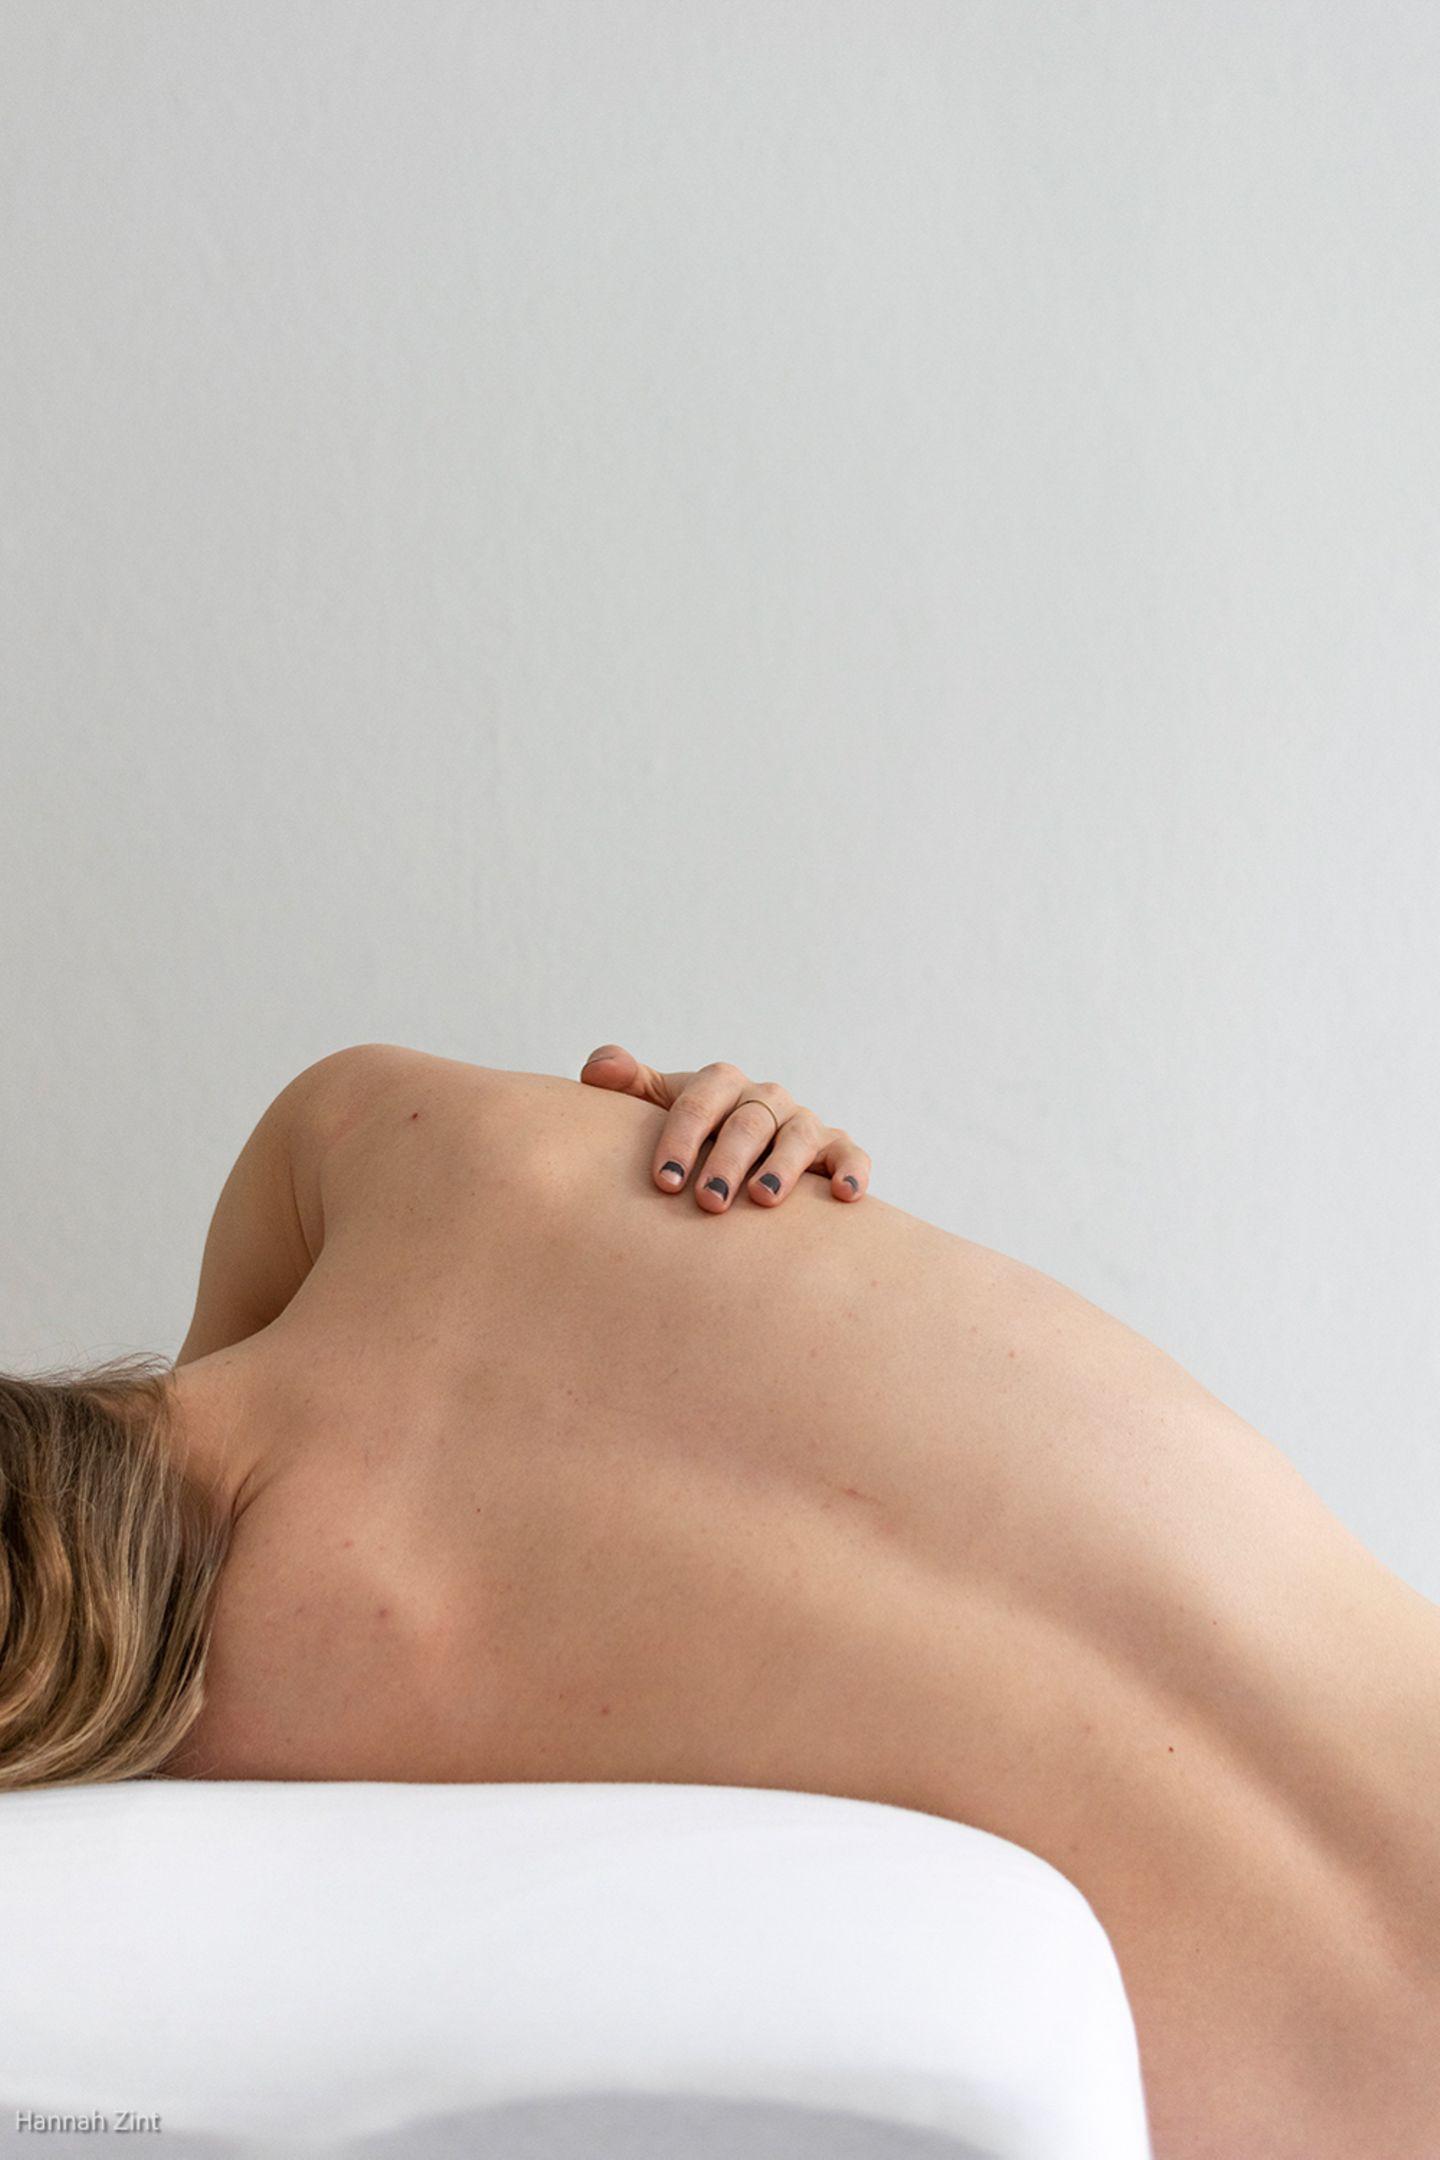 Endometriose in Bildern: Frau Rücken